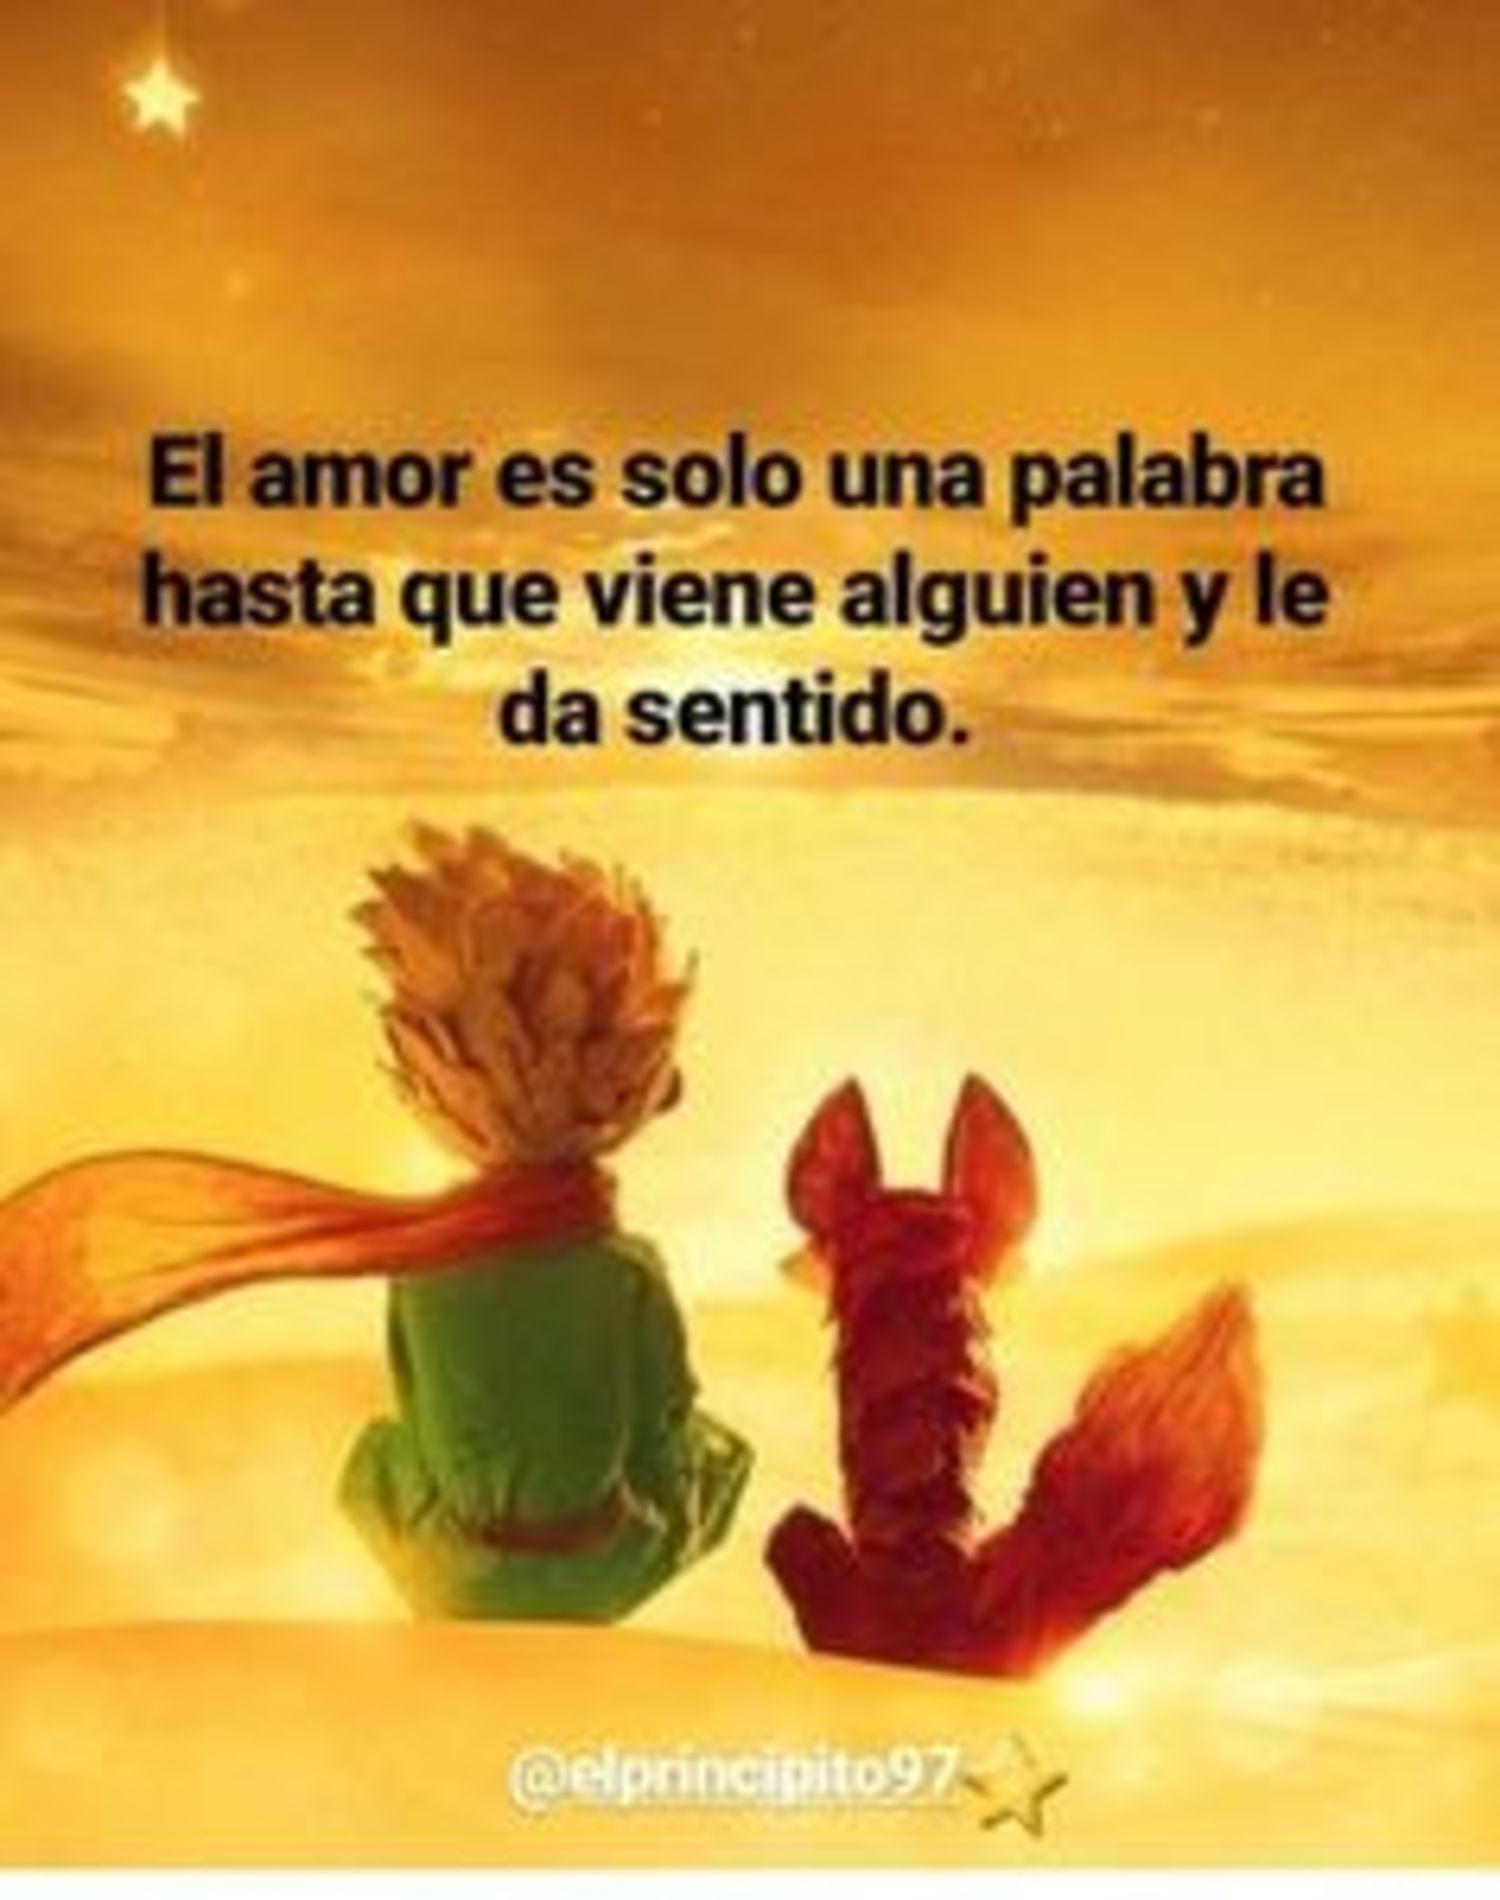 El amor es solo una palabra hasta que viene alguien y le da sentido